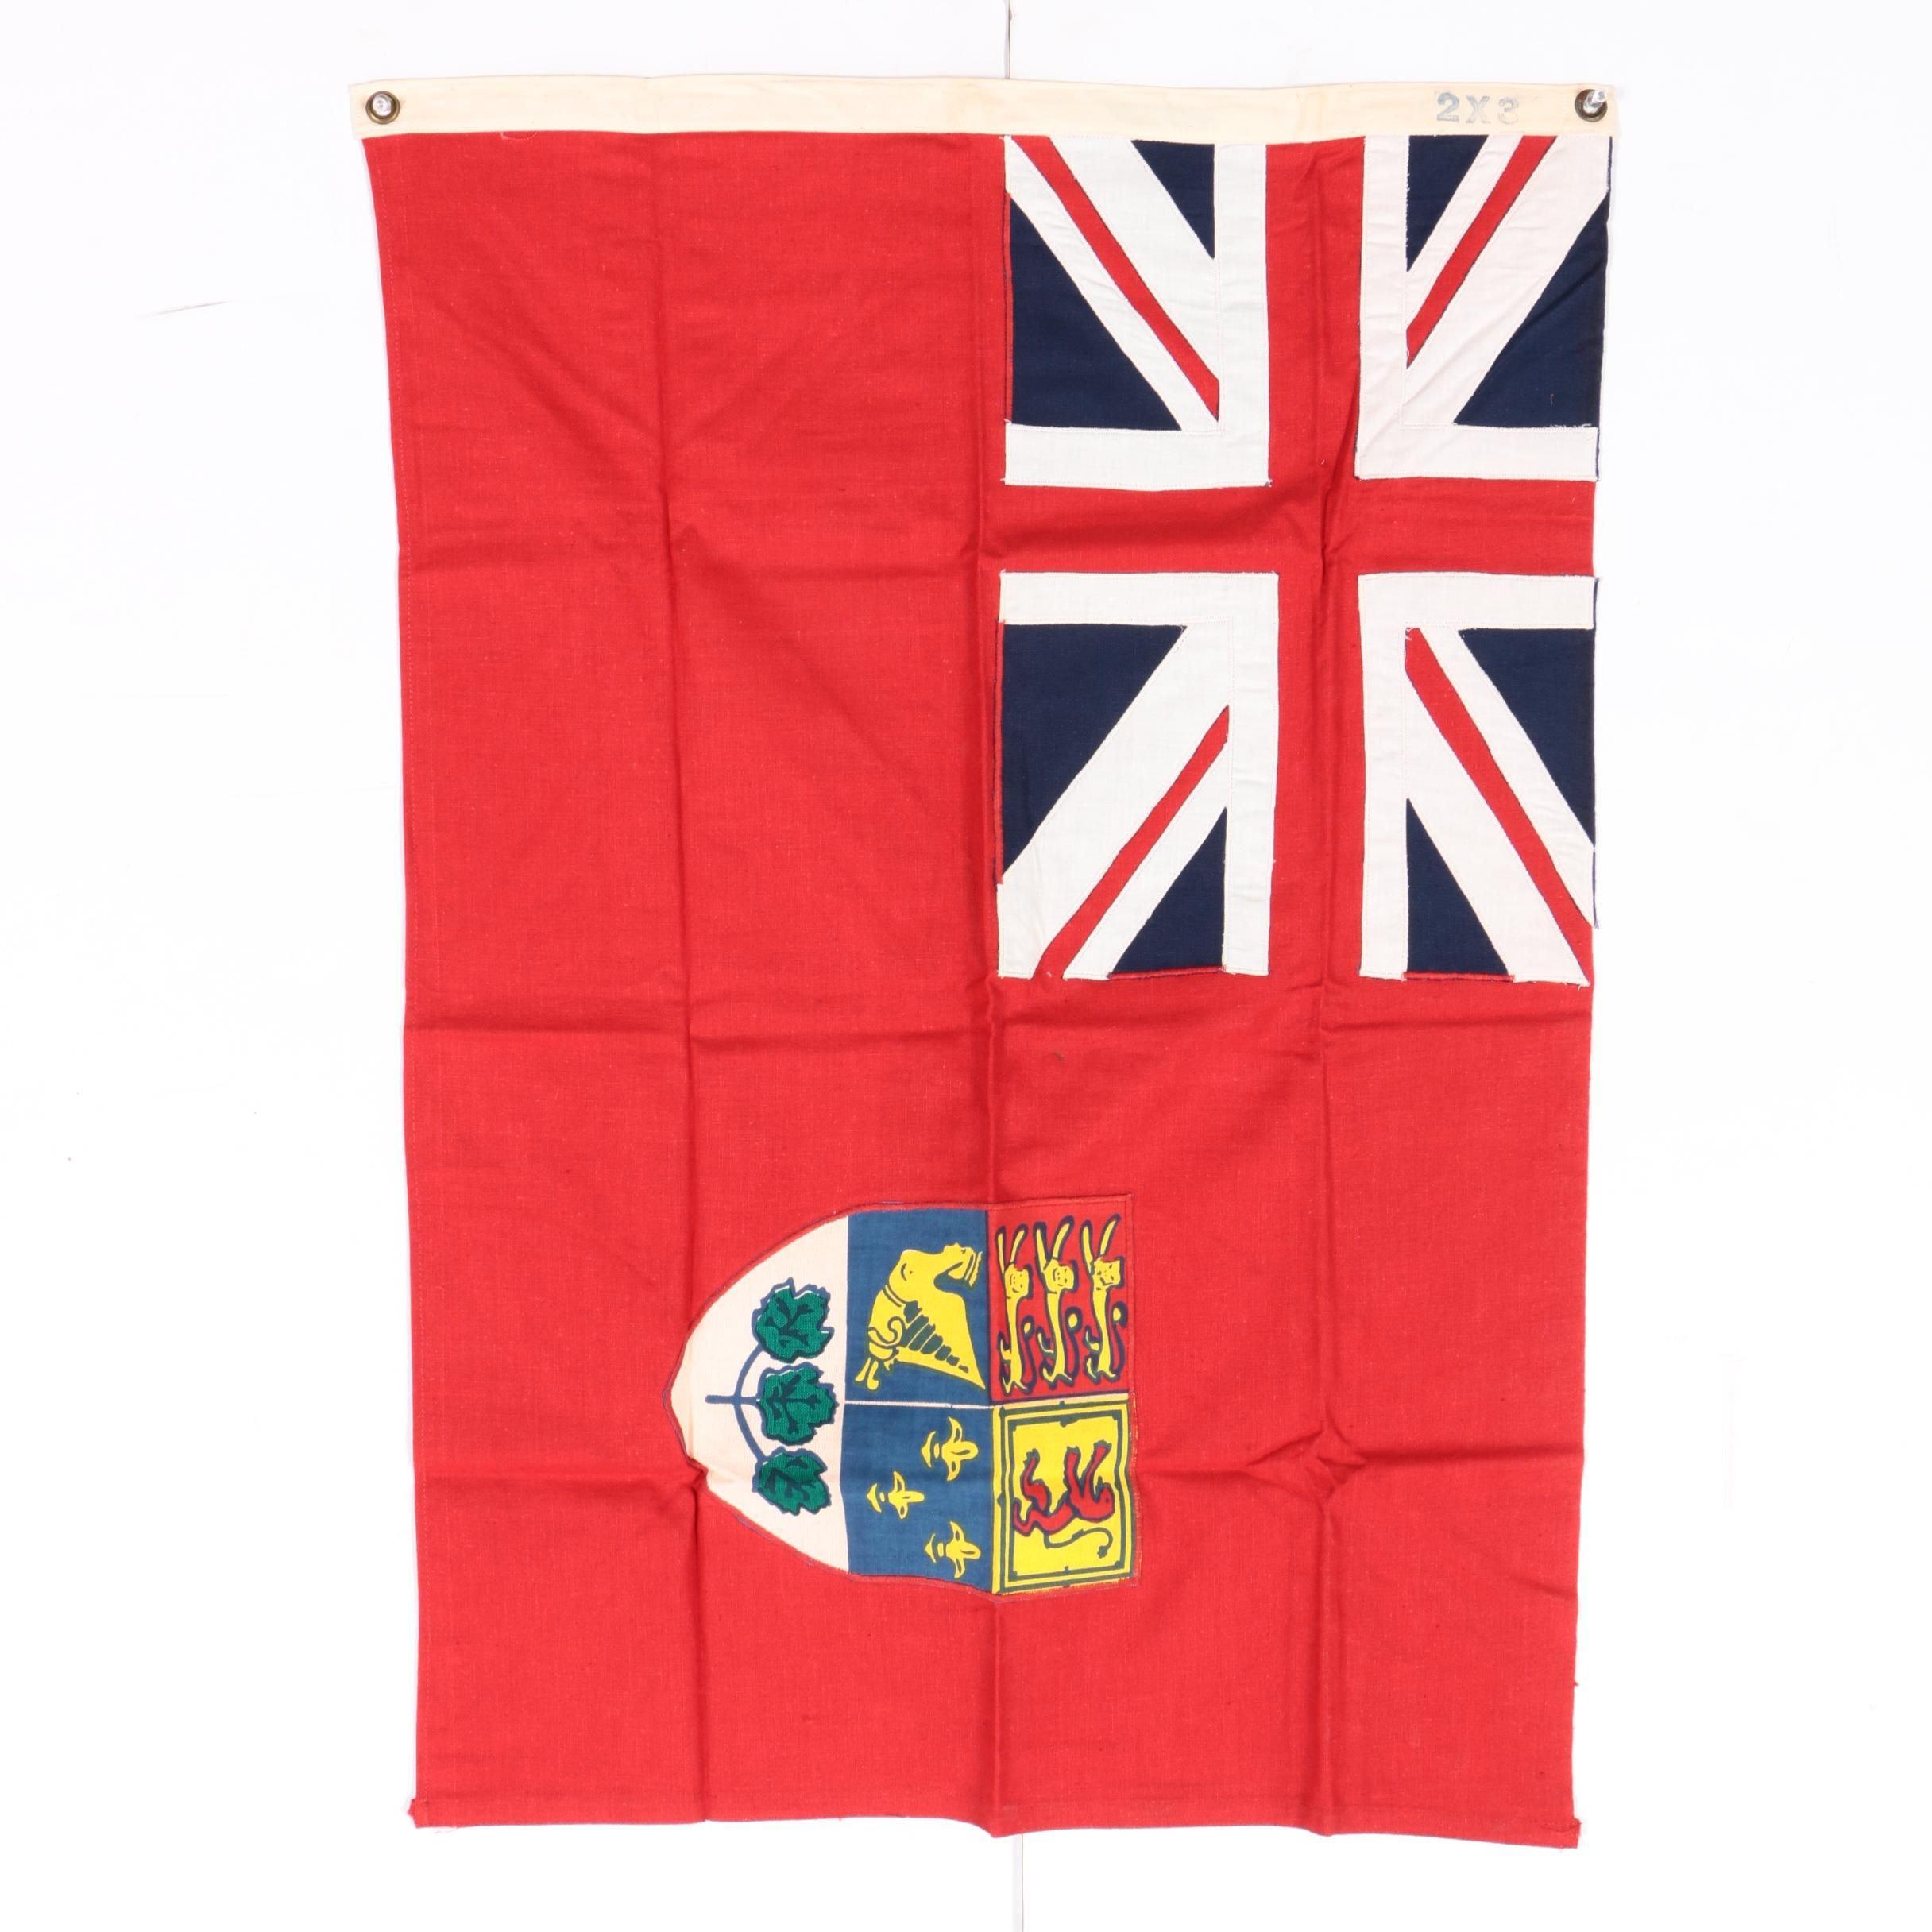 Vintage Cloth Canadian Red Ensign Flag